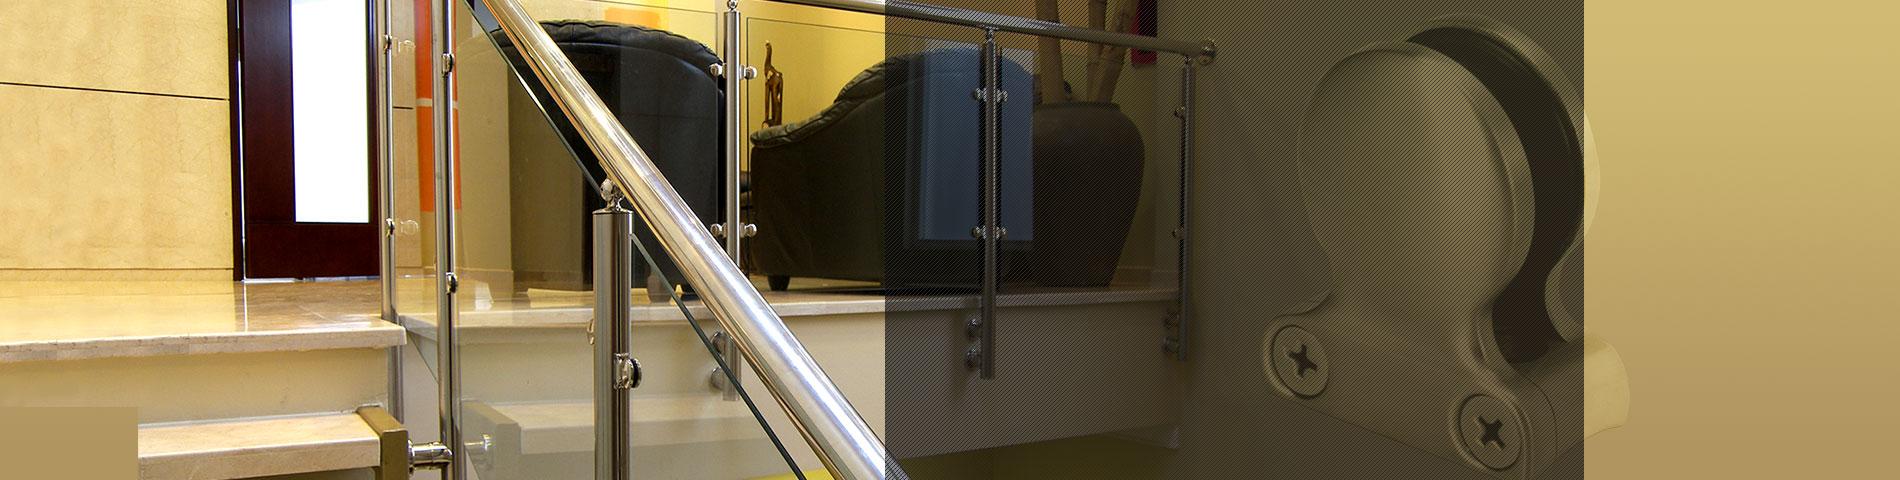 स्टेनलेस स्टील बलुस्ट्रेड सहायक उपकरण कांच के लिए